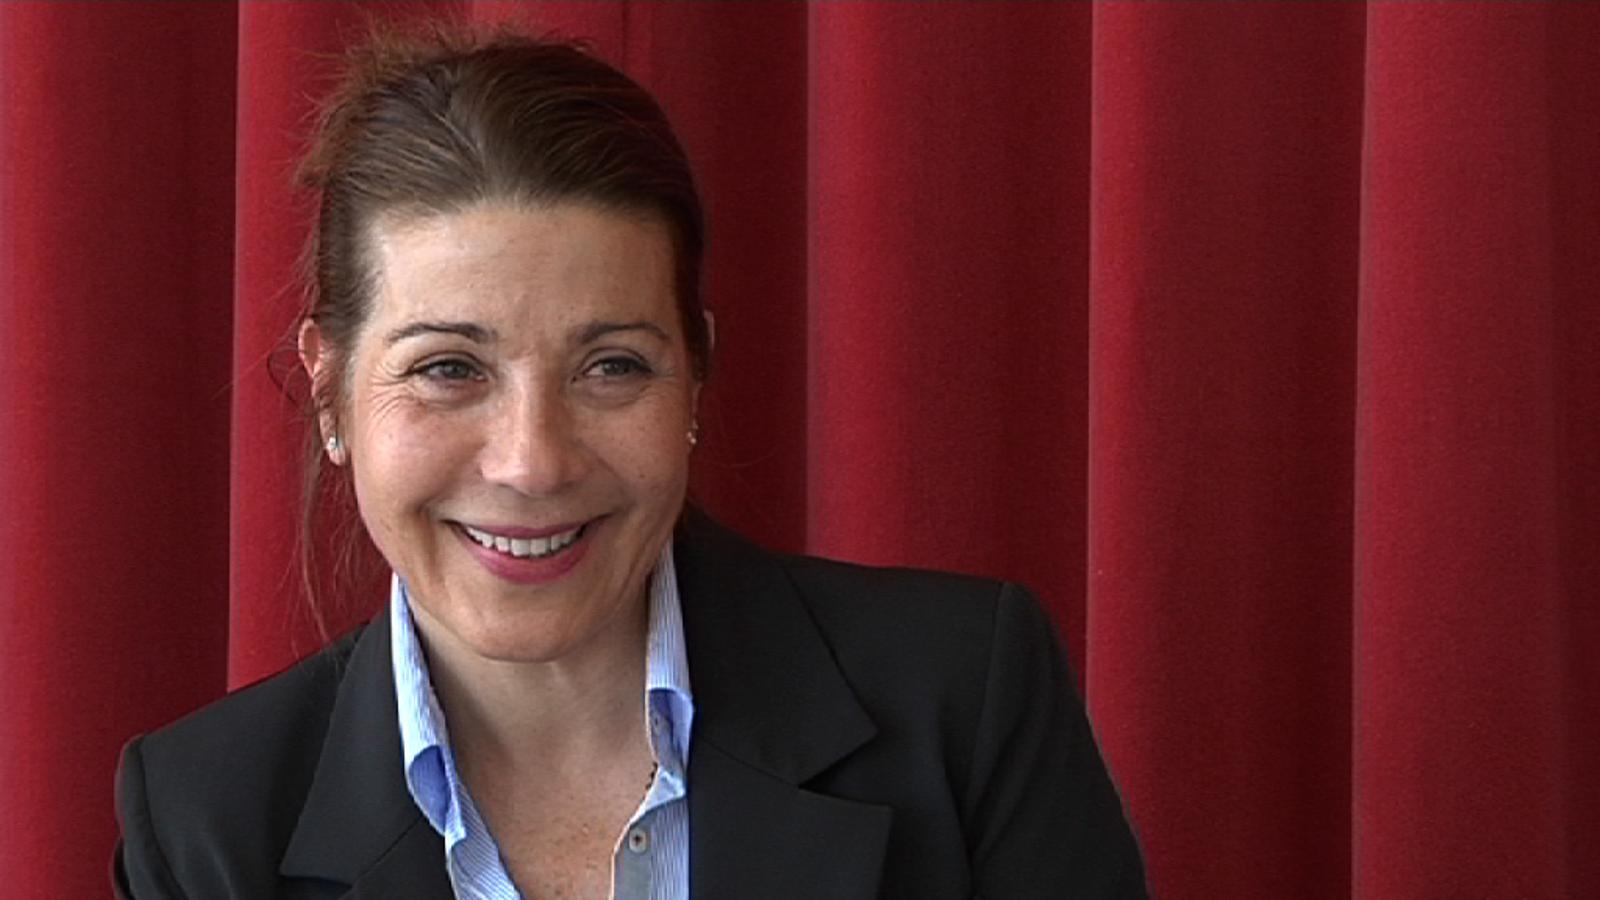 Emma Vilarasau: Vaig deixar de llegir les crítiques perquè m'afectaven massa